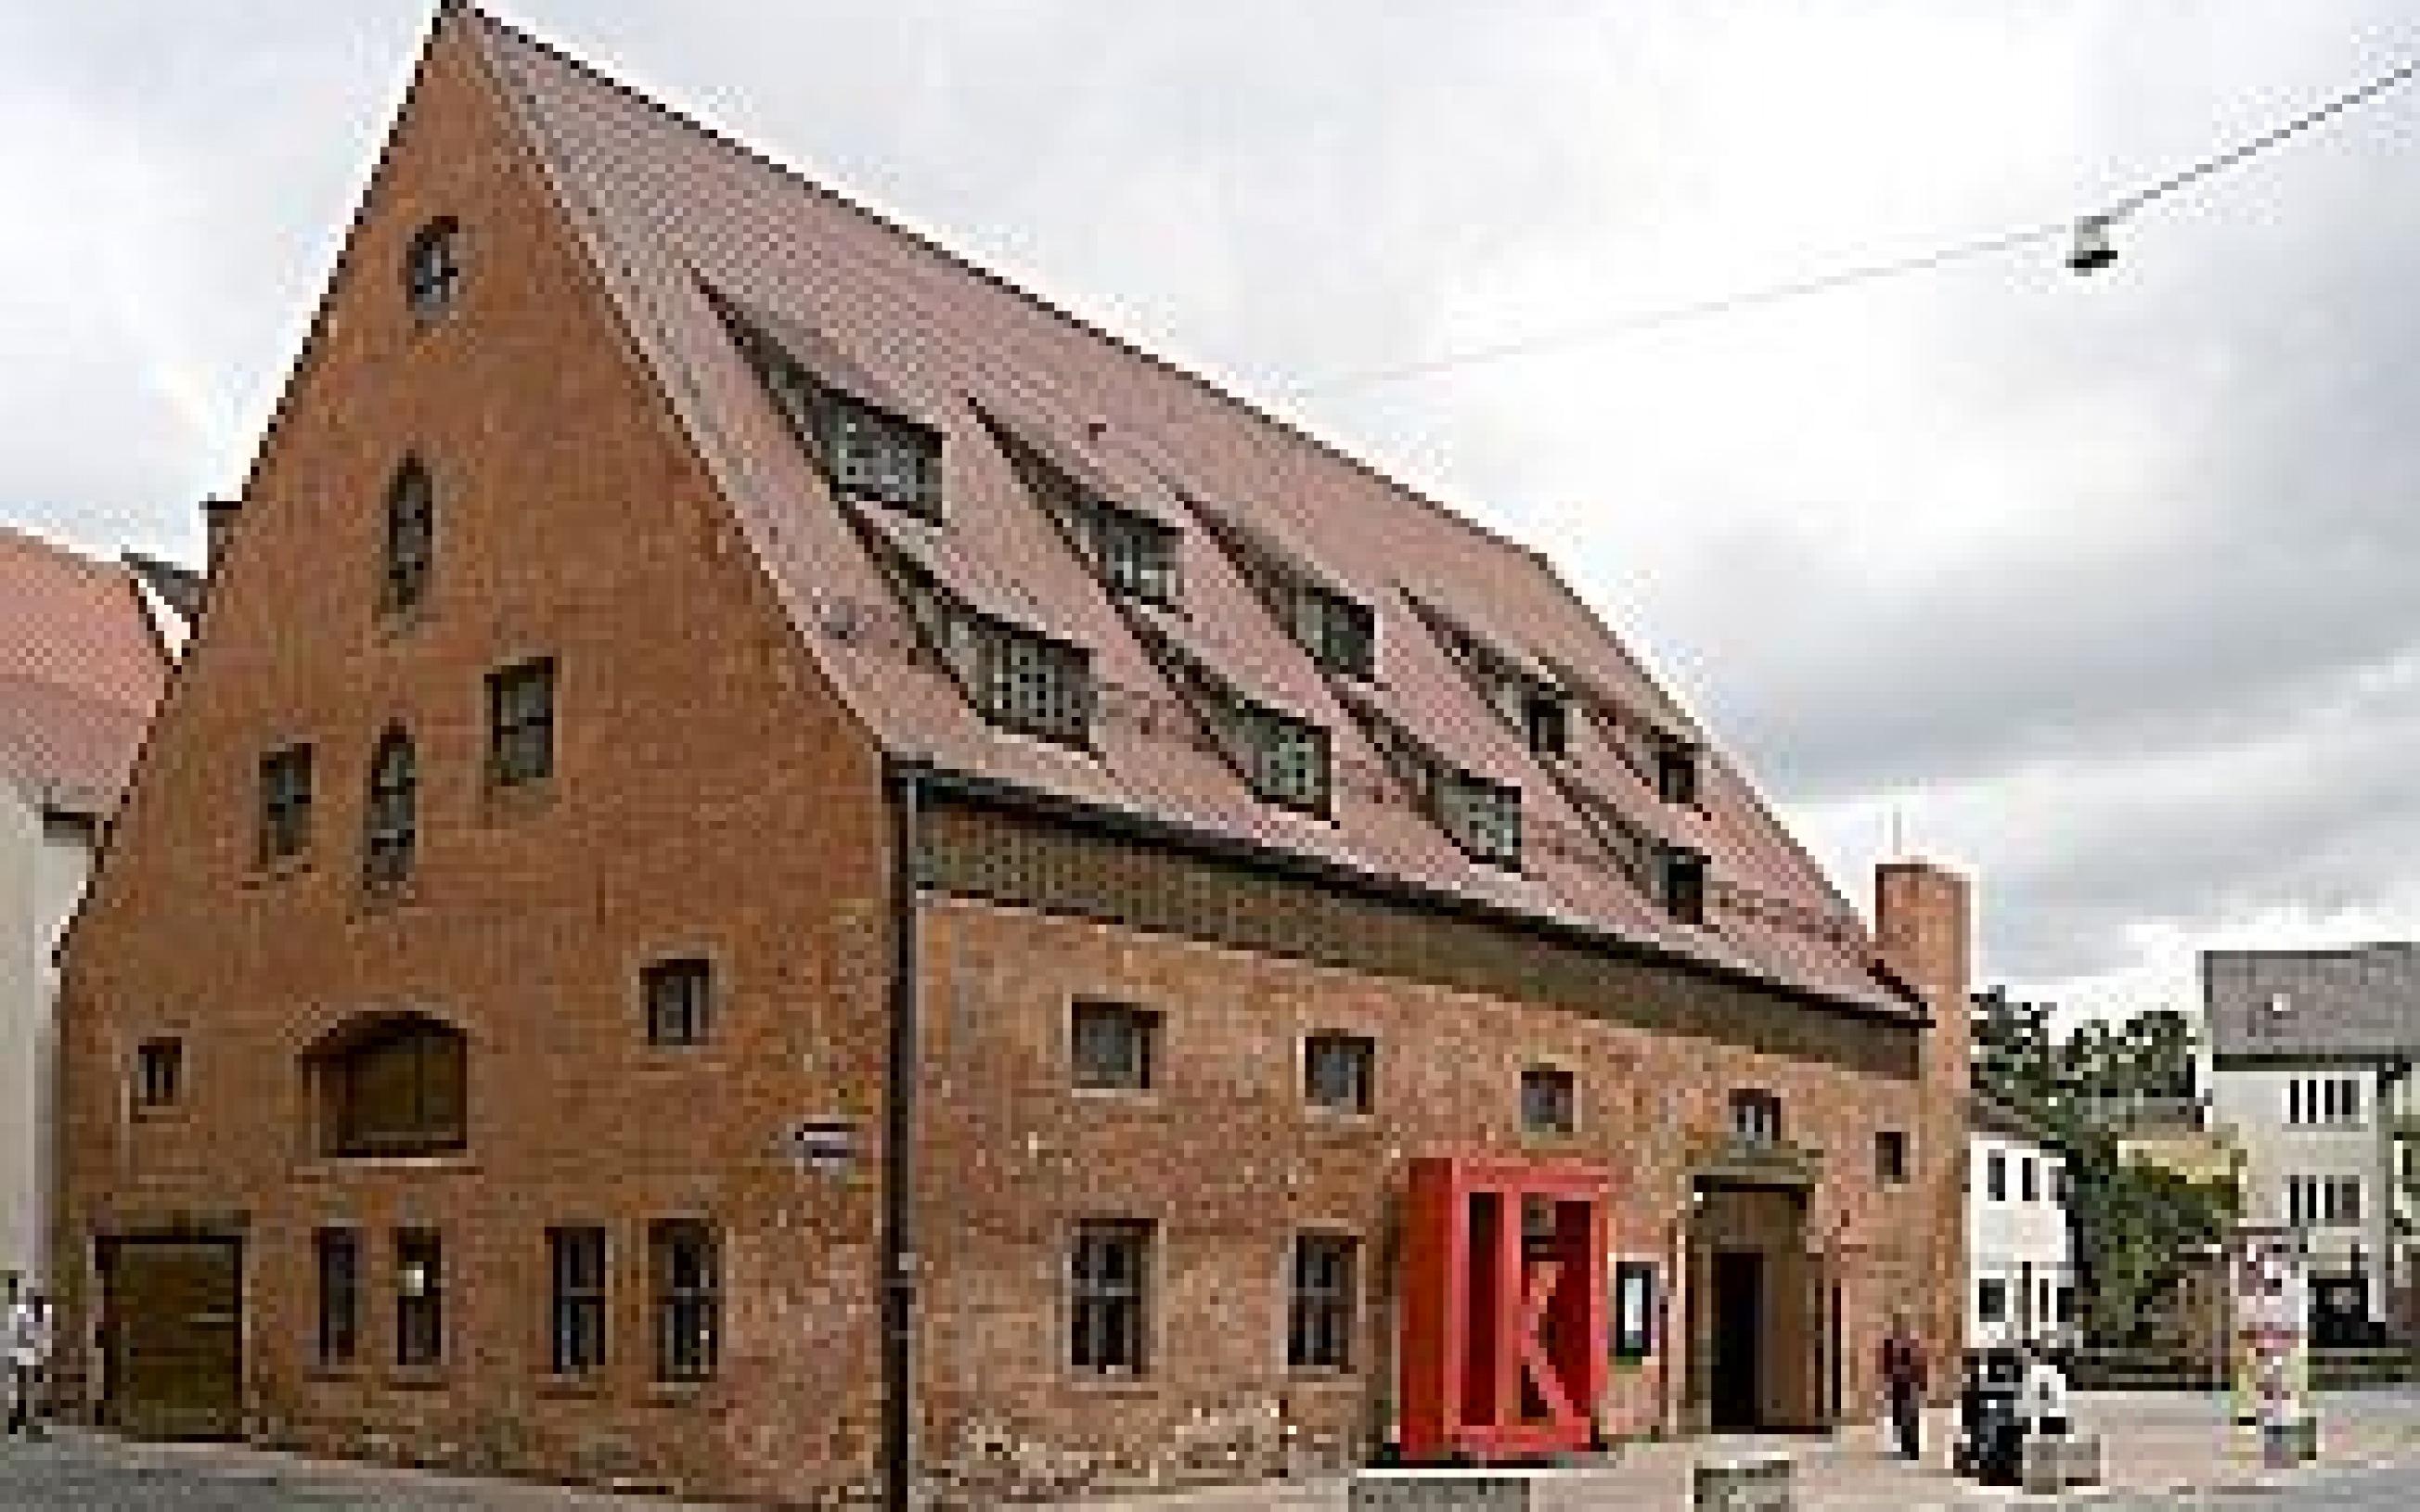 Gebaeude des kleinen theaters Kammerspiele Landshut